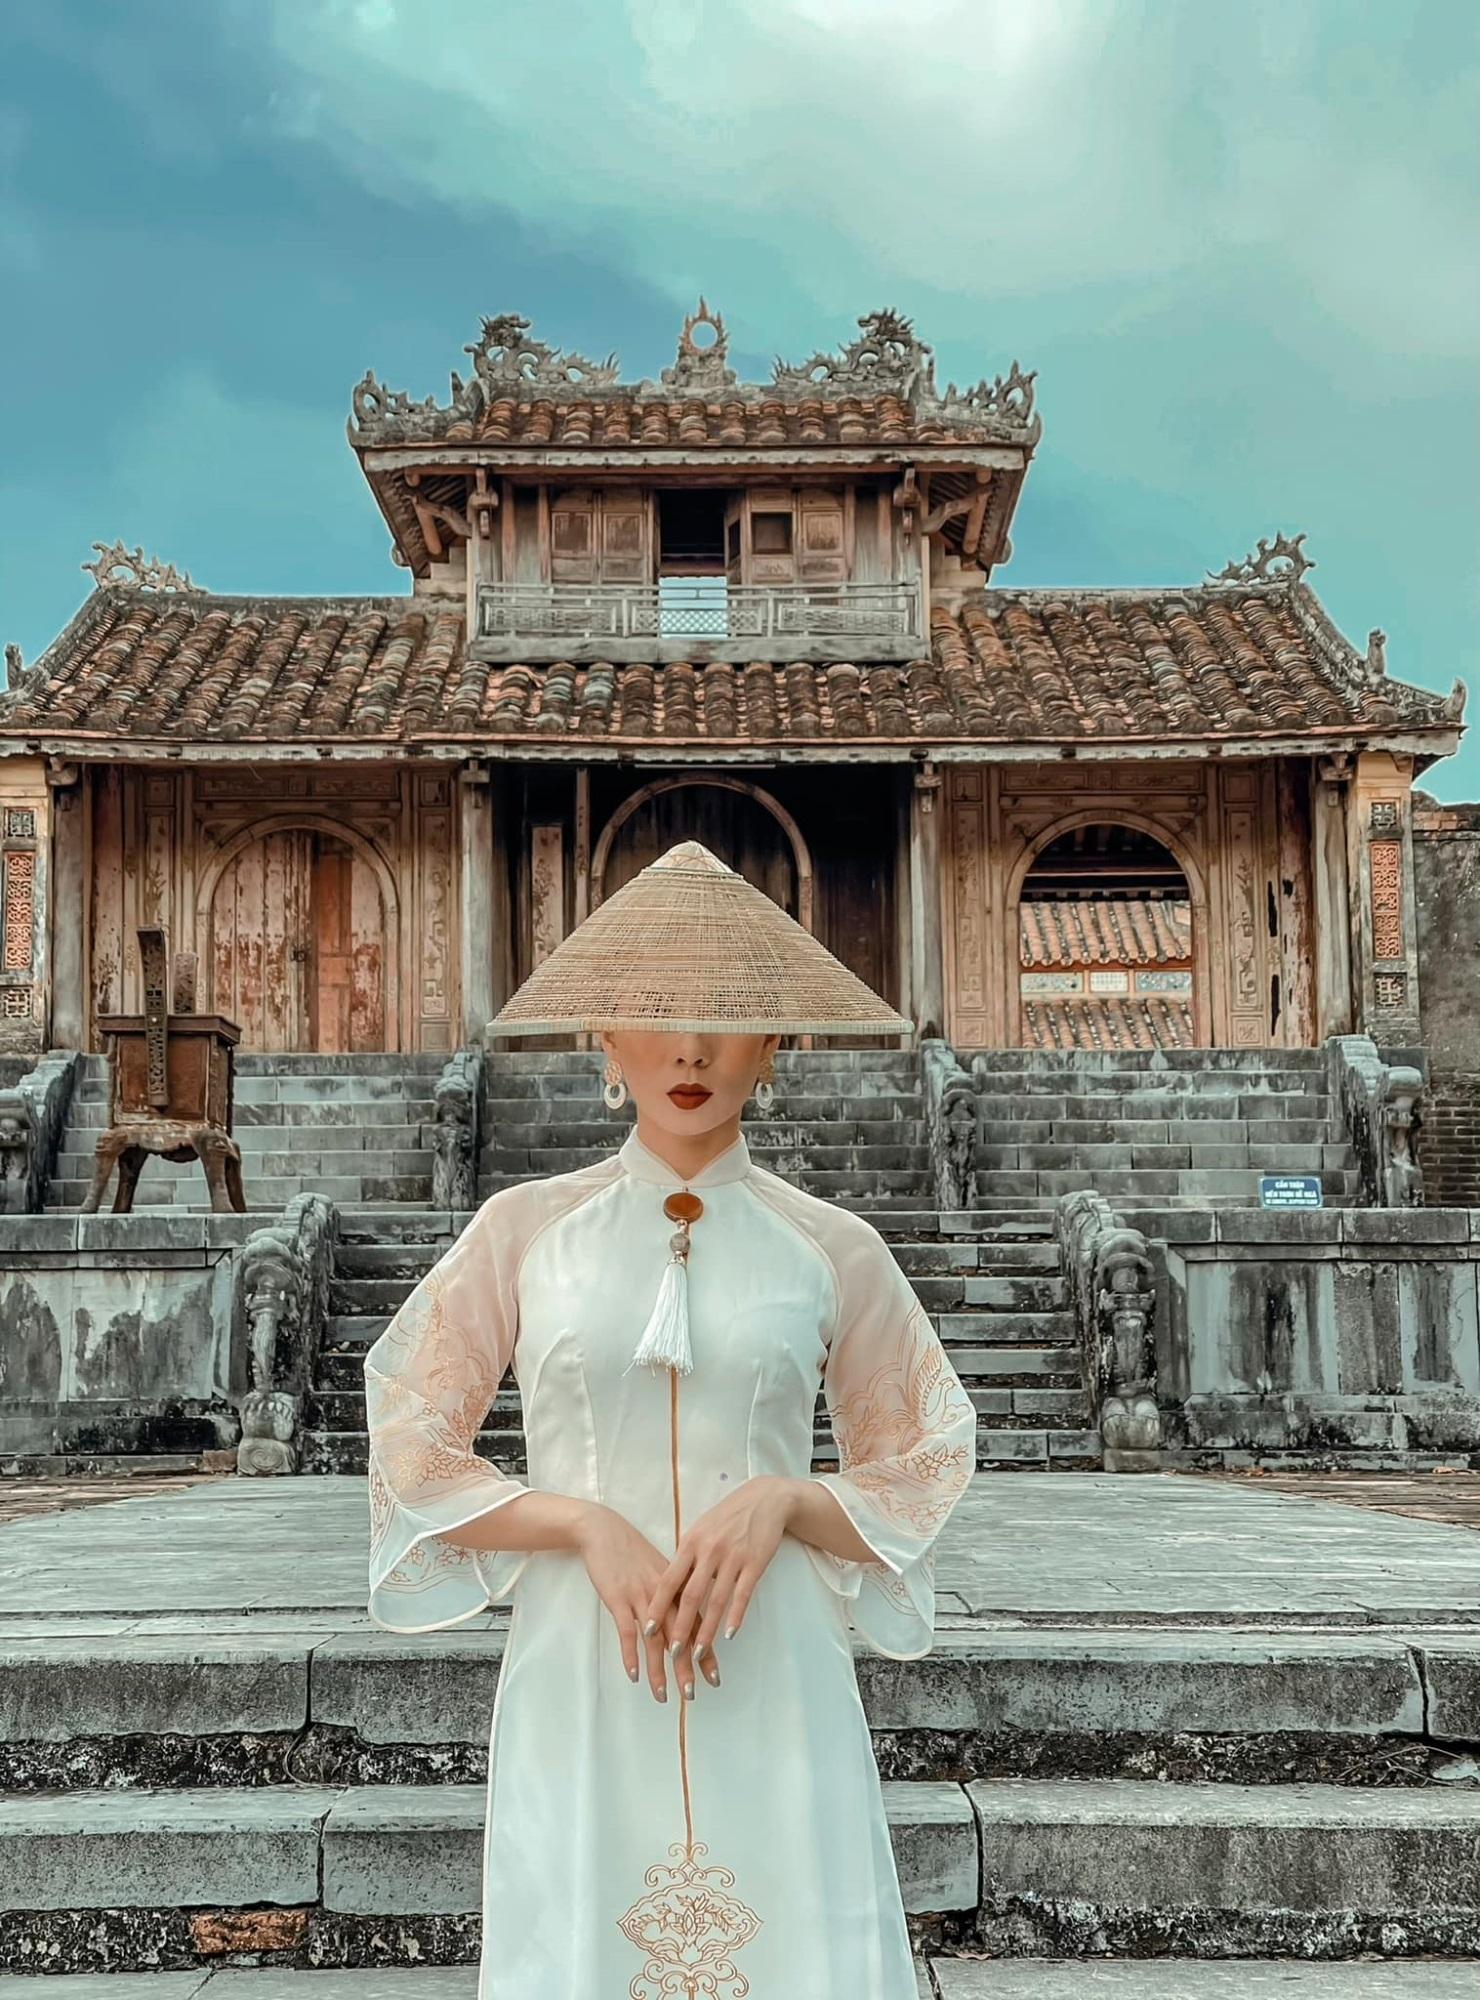 Rò rỉ ảnh Lệ Quyên và Lâm Bảo Châu chụp ảnh áo dài cưới, cặp đôi chuẩn bị kết hôn? - Ảnh 4